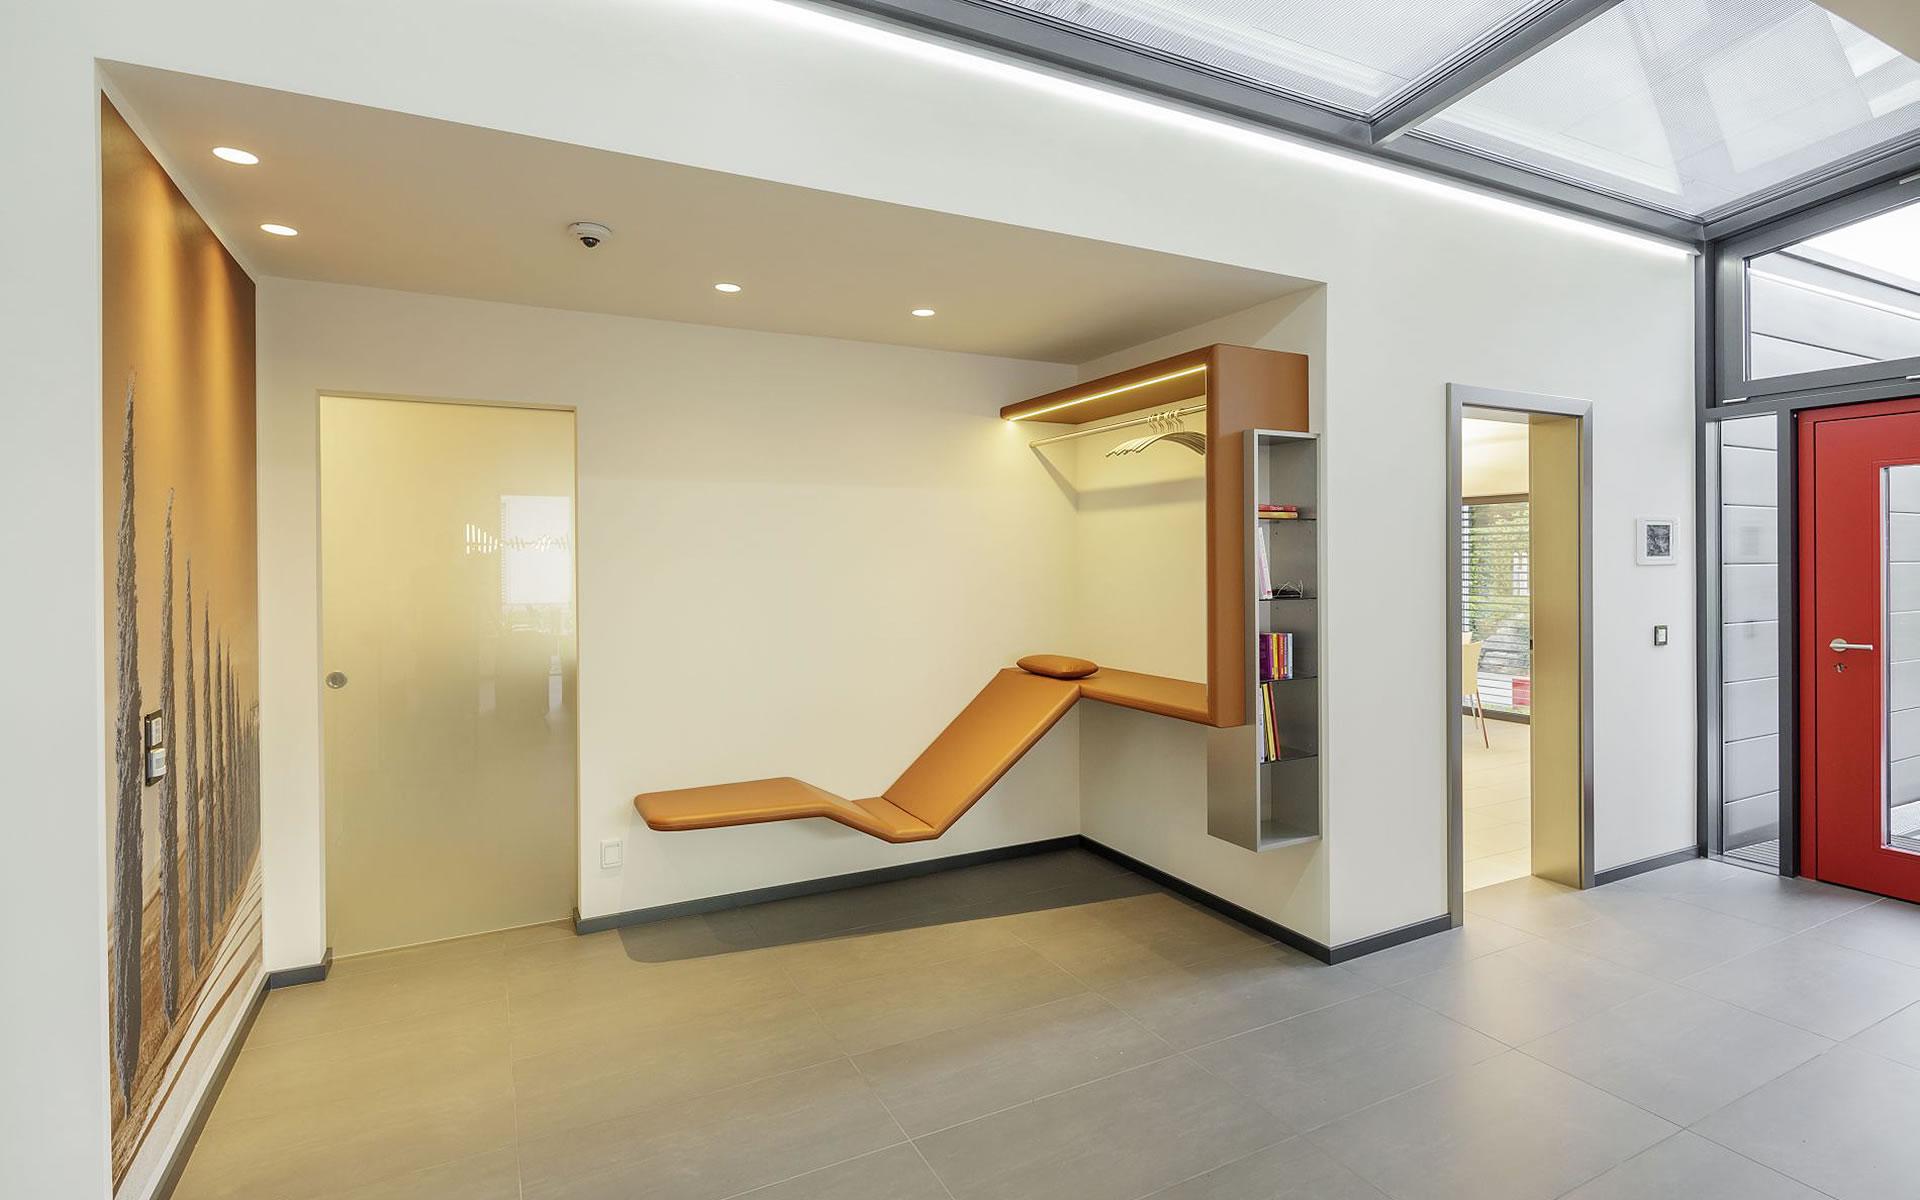 Musterhaus Fellbach von LUXHAUS Vertrieb GmbH & Co. KG